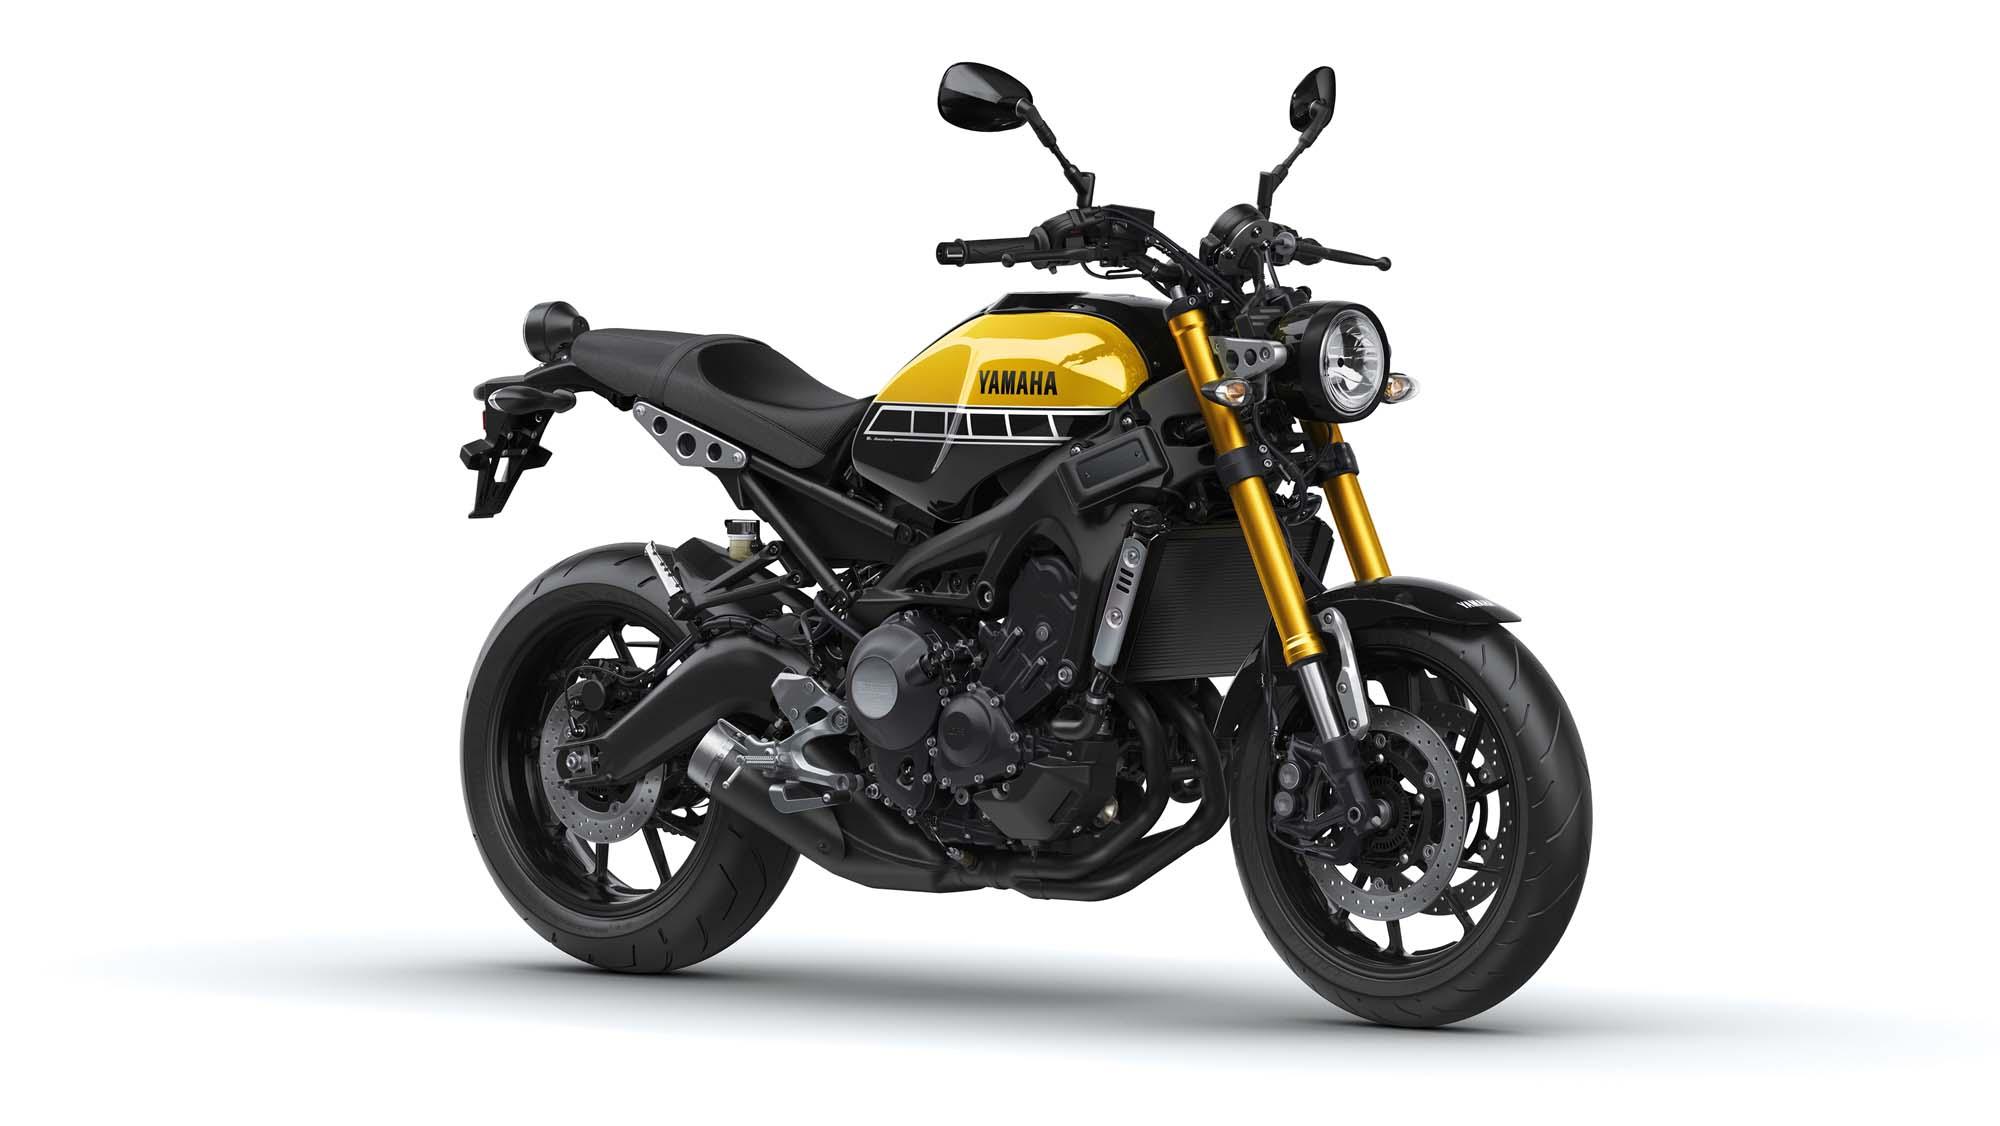 Yamaha xsr900 bilder und technische daten for Yamaha sxr 700 for sale